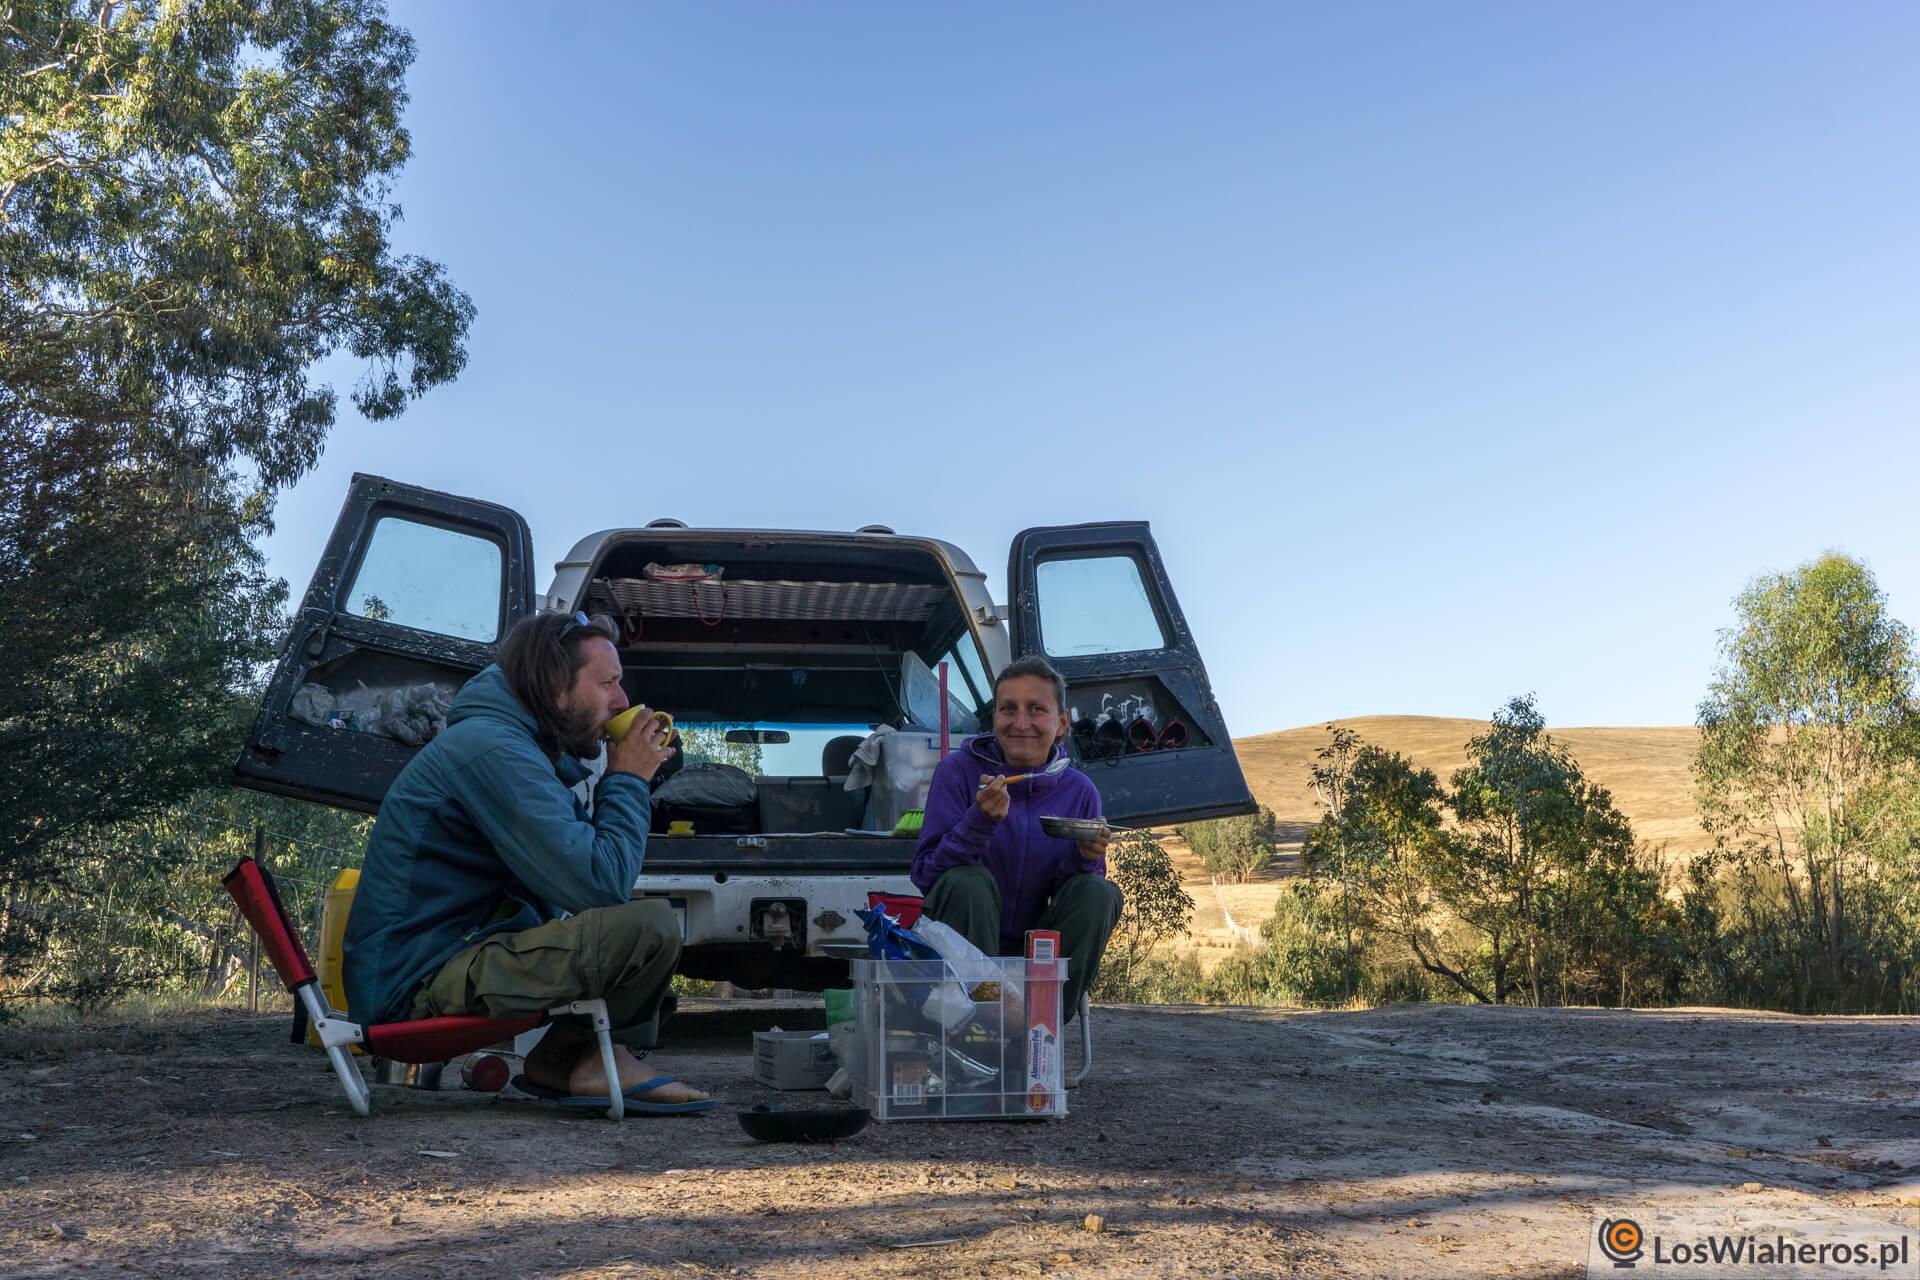 W australijskim Outbacku trzeba być samowystarczalnym.